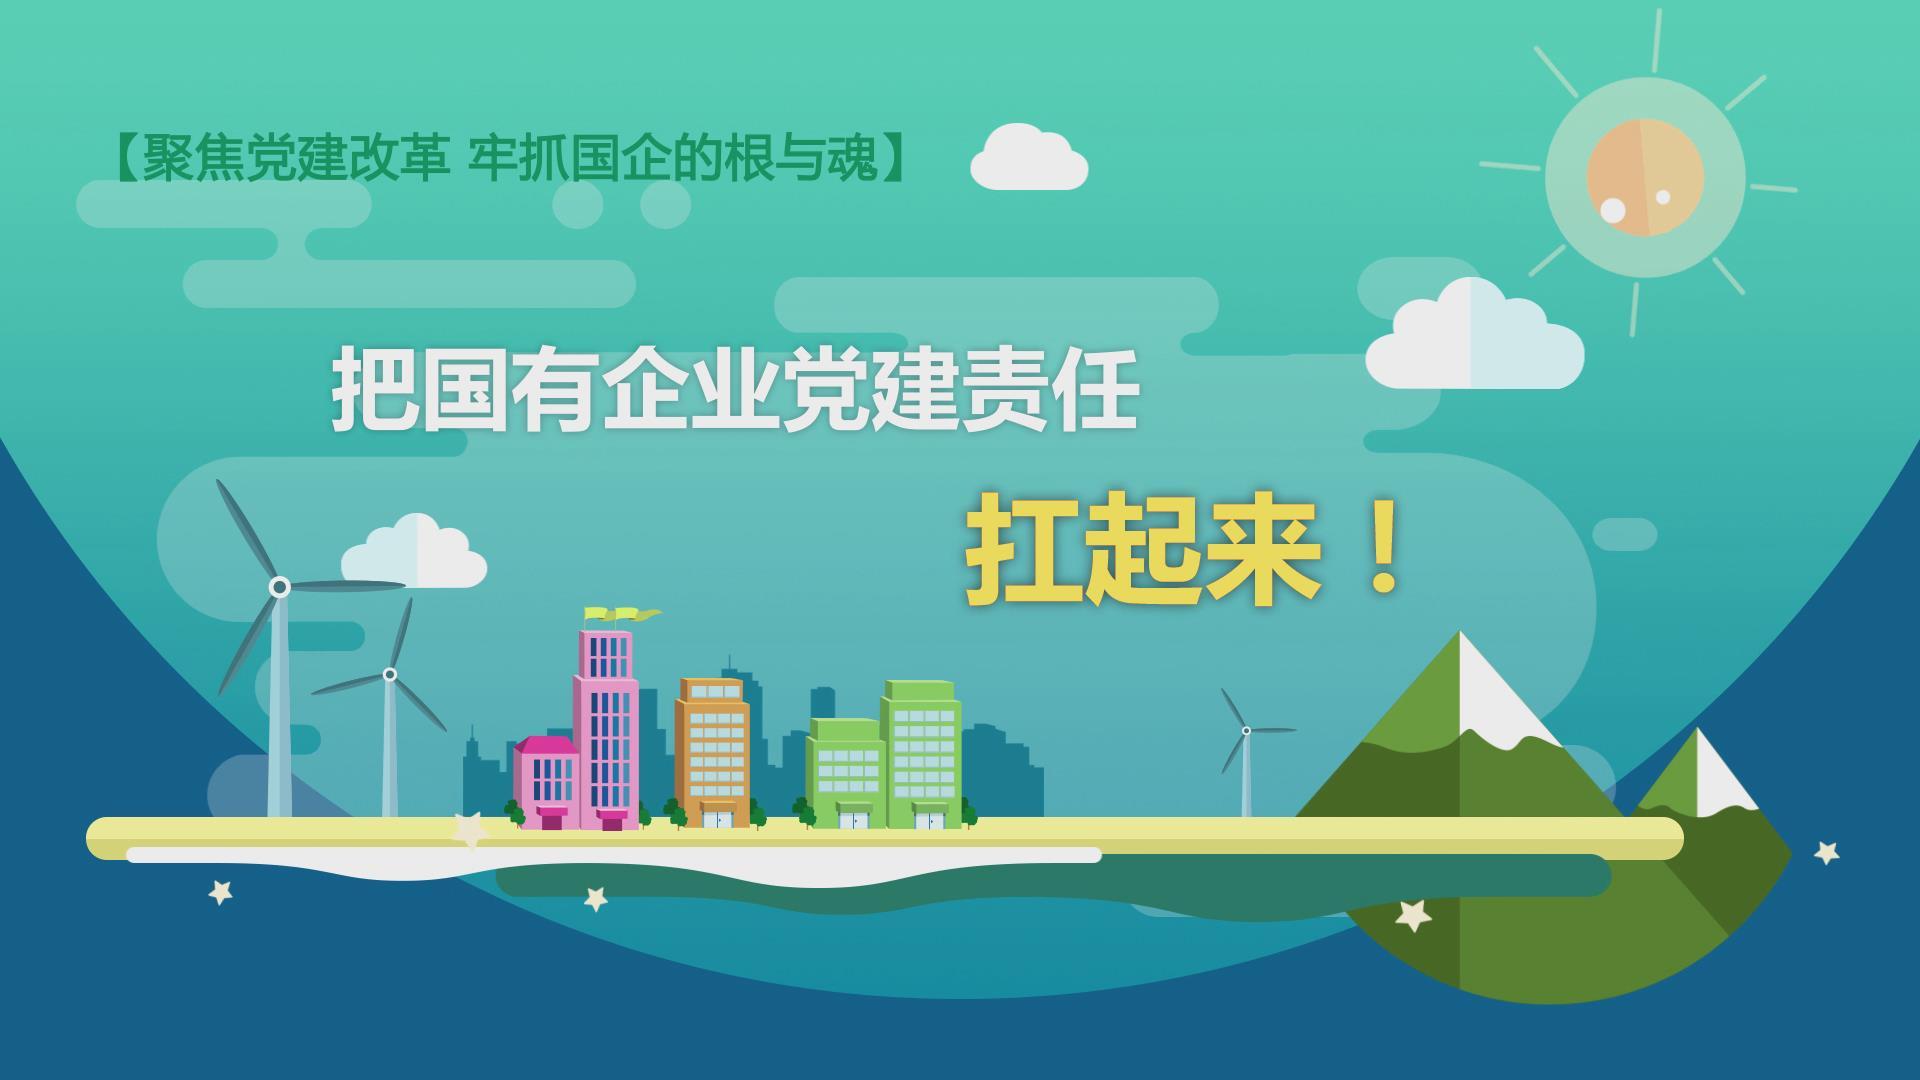 聚焦国企党建改革(5000人以上适用)